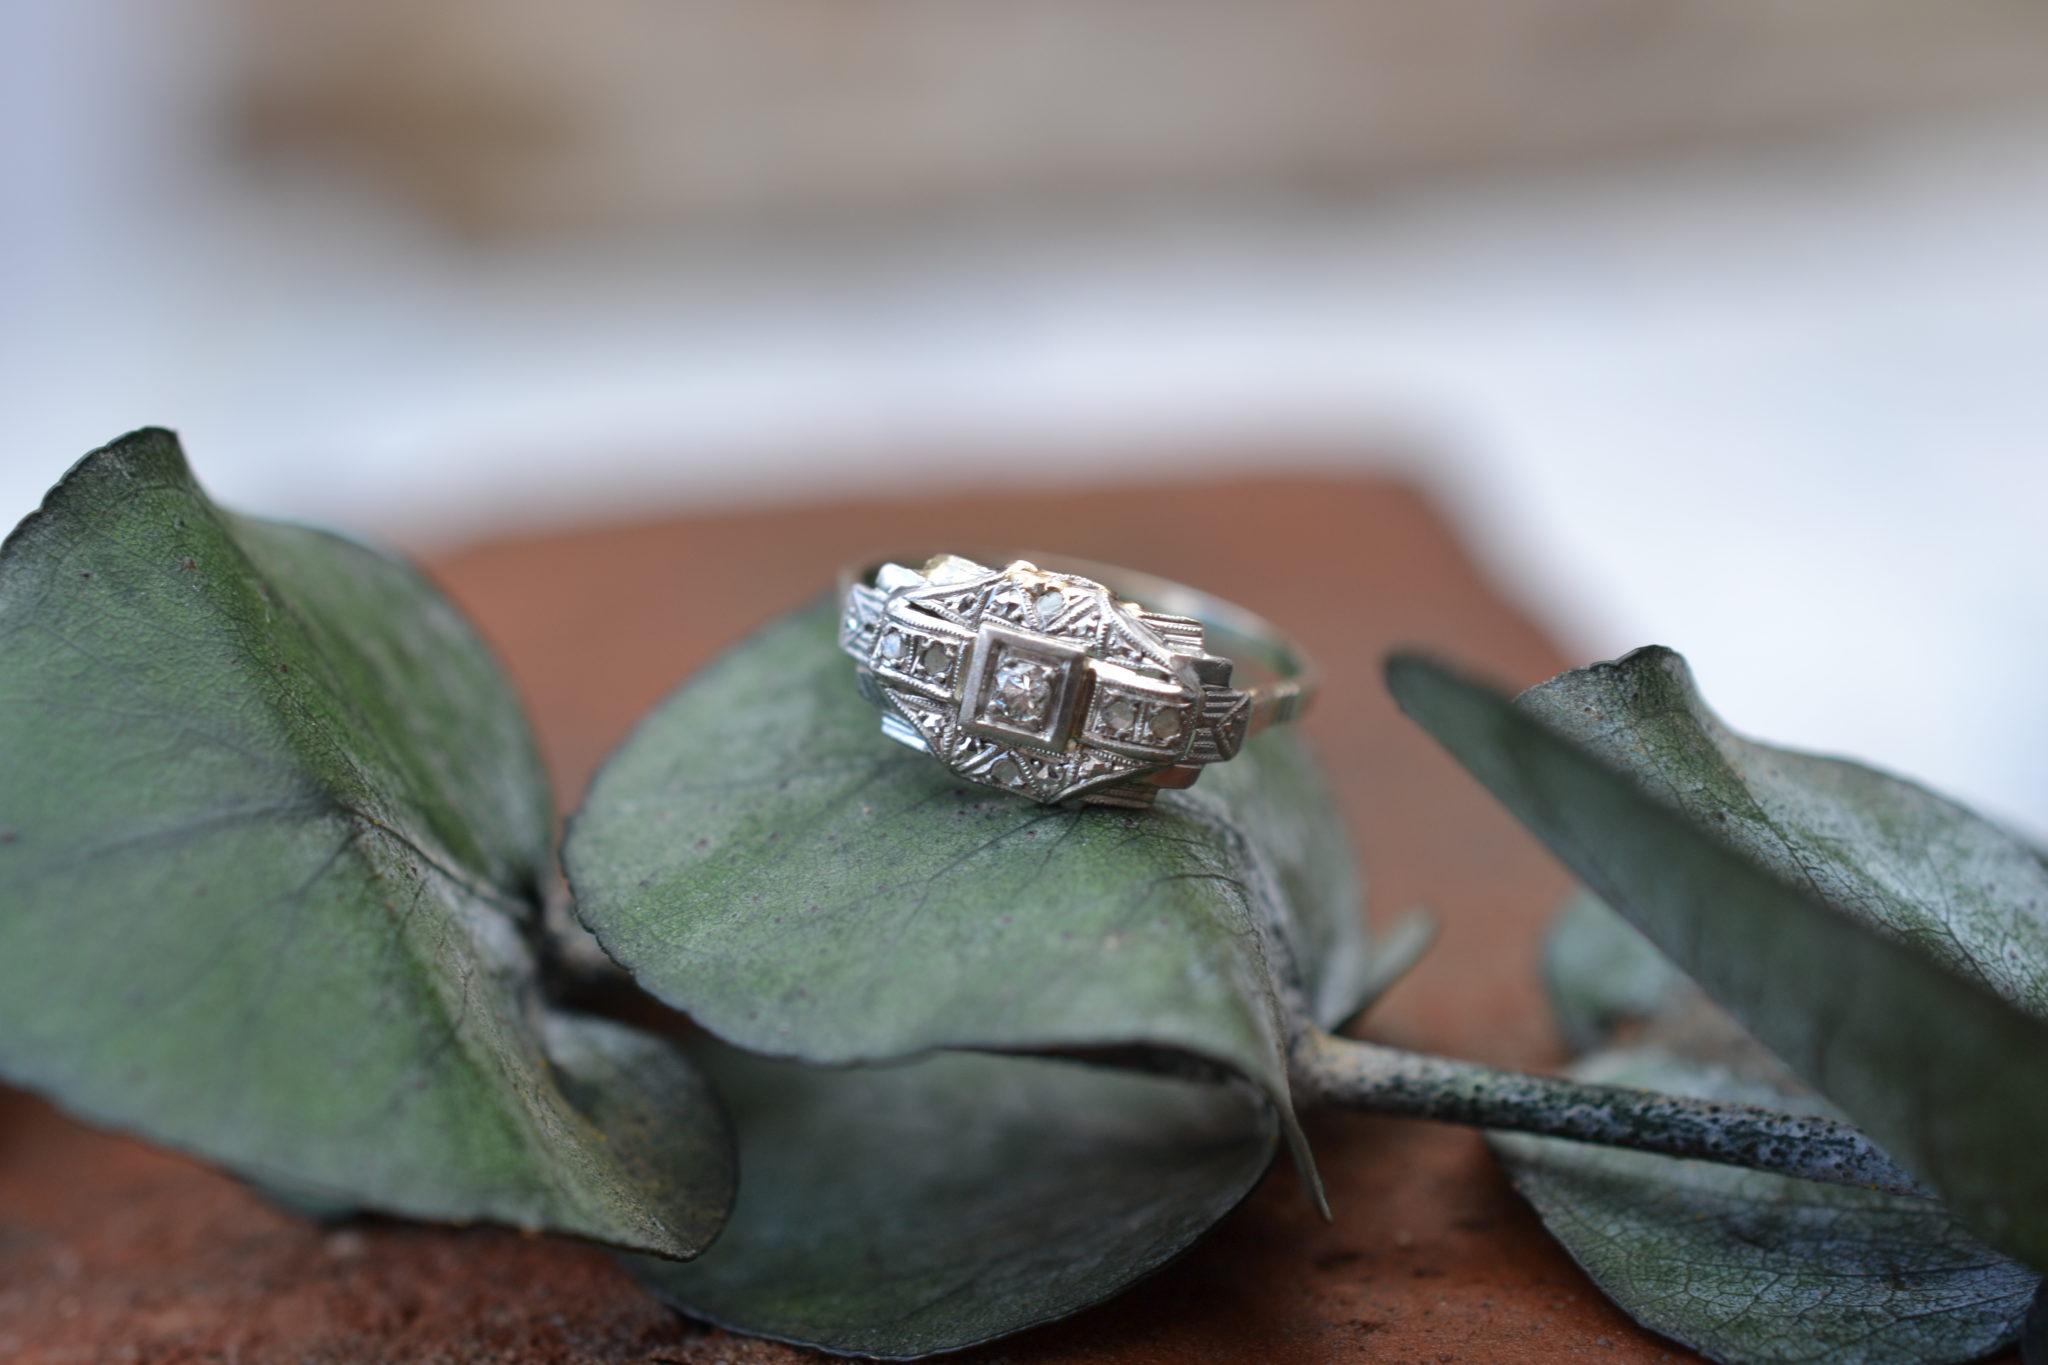 Bague en Or gris et platine ornée de petits diamants bague seconde main